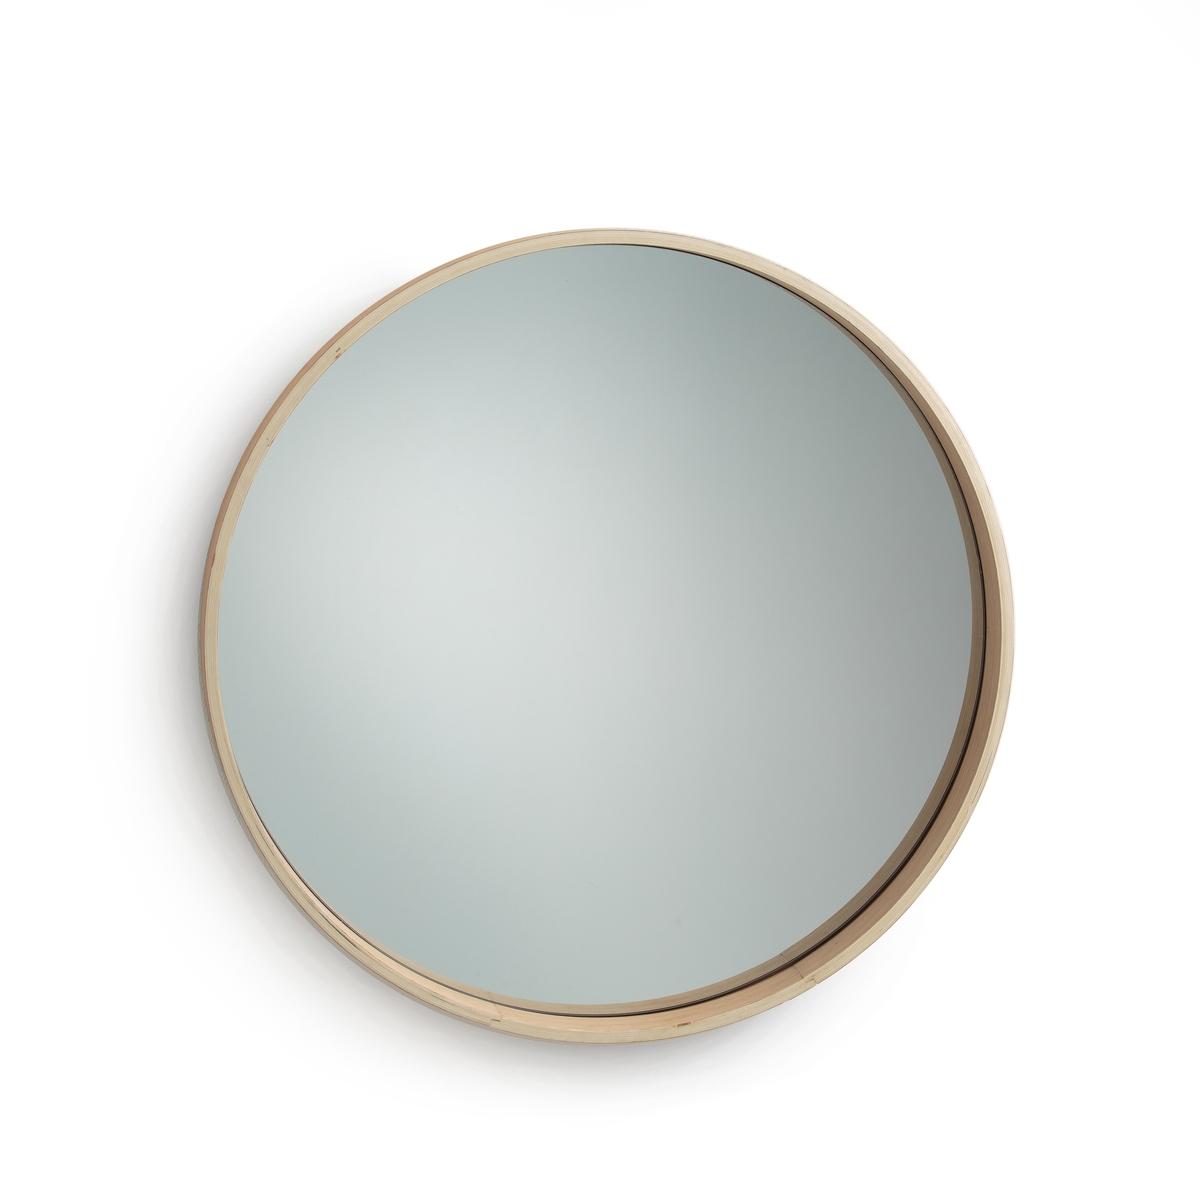 Зеркало круглое с отделкой из дуба, ALARIAОписание:Круглое зеркало ALARIA. Утонченное зеркало в винтажном стиле в духе 50-х годов.Характеристики зеркала ALARIA :Каркас из фанеры с отделкой светлым дубом. Фон из МДФ. 2 подвески для настенного крепления (шурупы и дюбели в комплект не входят)Размеры зеркала ALARIA :Диаметр : 59 см Толщина: 5 см<br><br>Цвет: светлый дуб